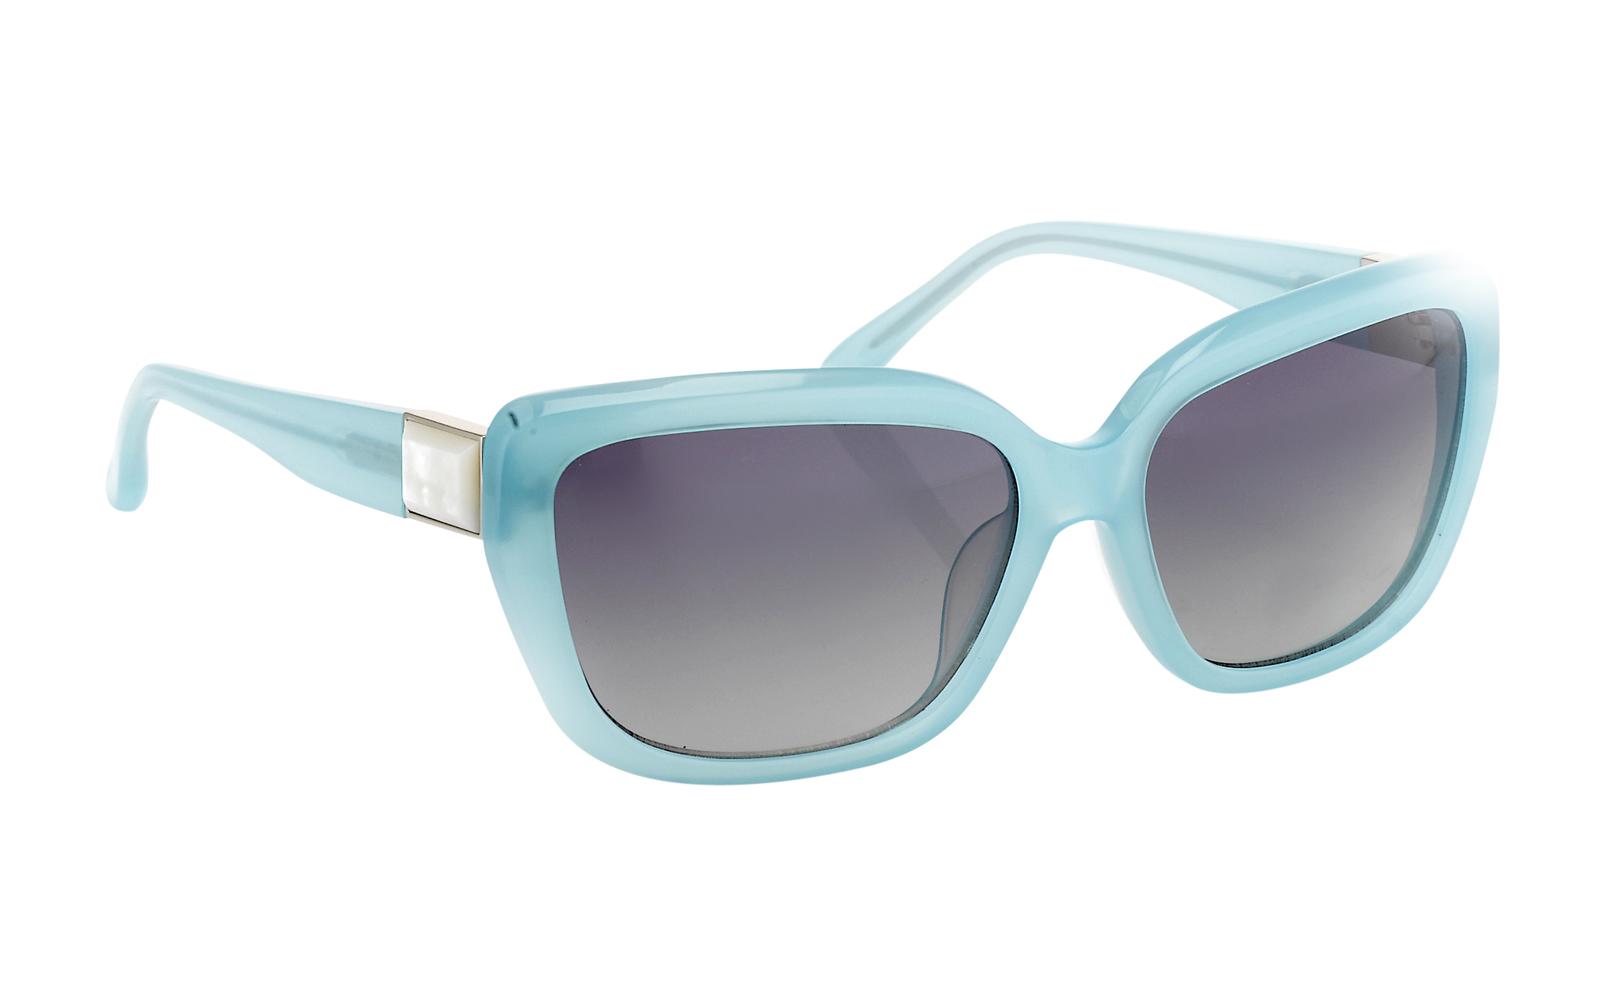 Oscar de la Renta 6 C5 sunglasses Shop from the